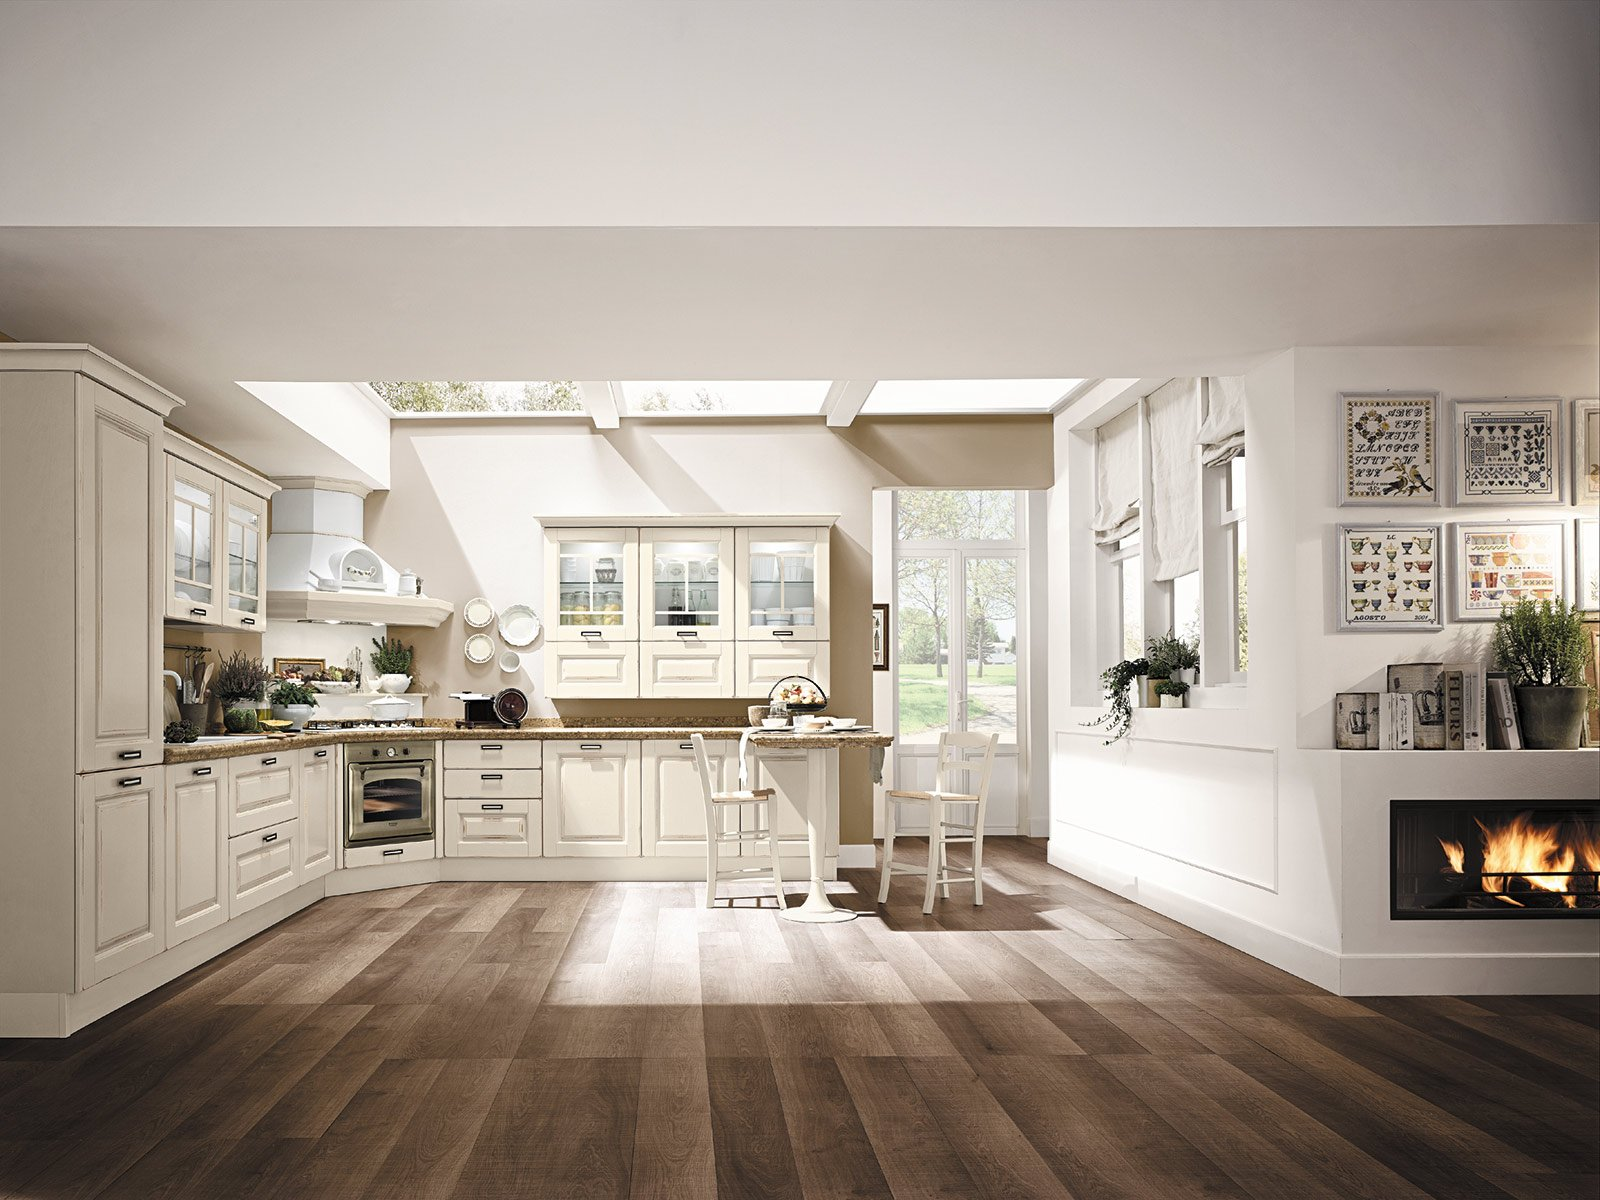 Cucine in stile cose di casa - Pomelli per cucine ...